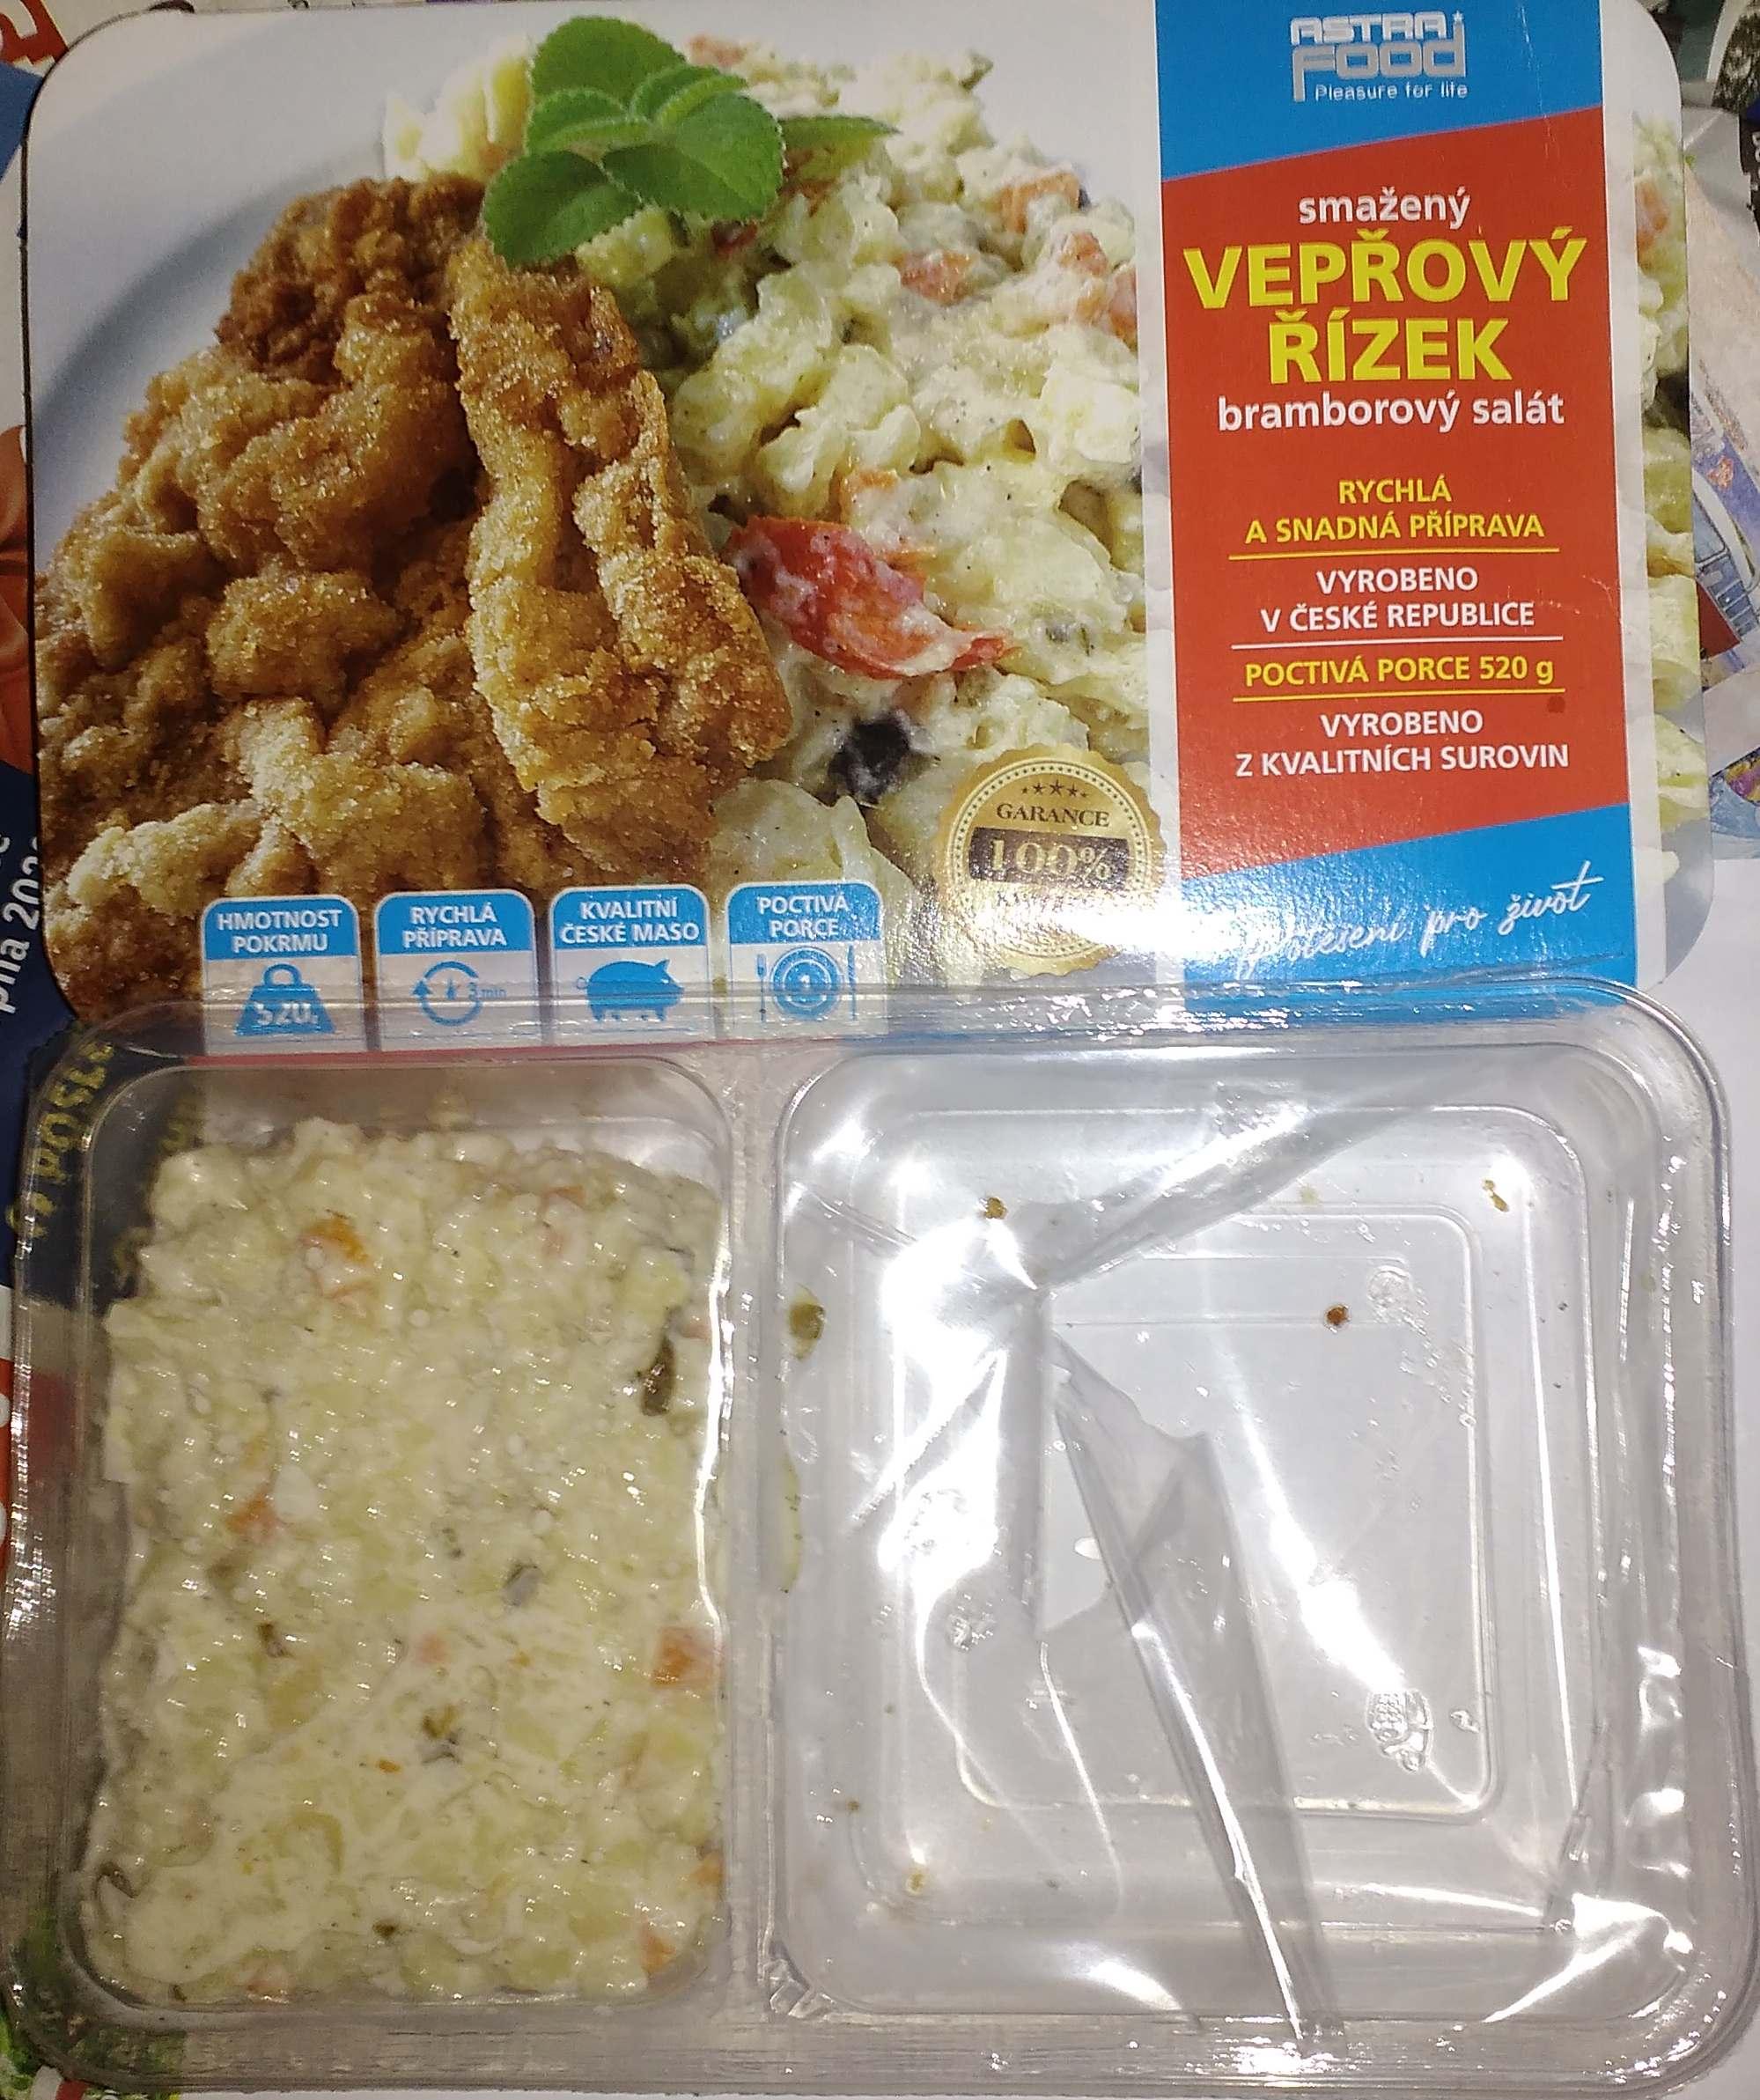 rizek-hotovka-pozor-nekdo-krade-v-supermarketech.jpg